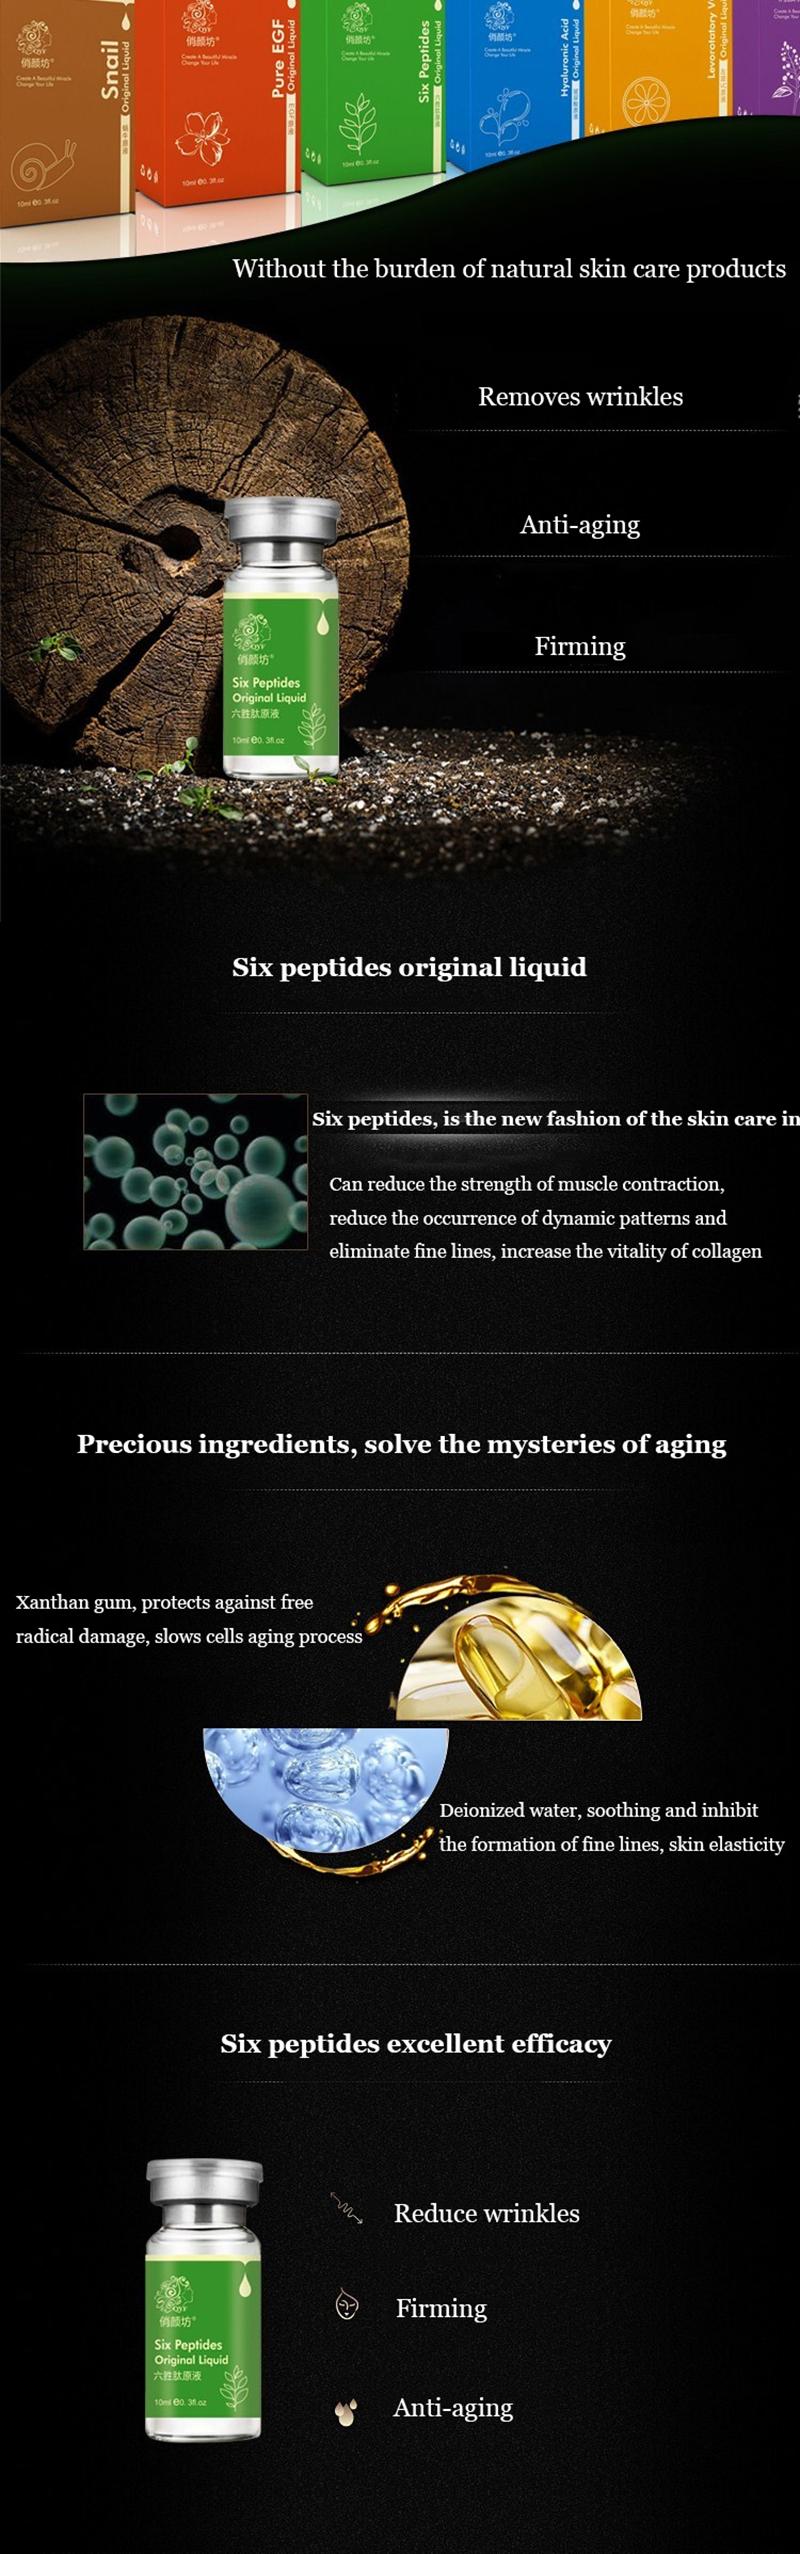 Argireline Collagen Original Liquid Anti Wrinkle Anti-Aging Serum Plant Extract Moisturizing Face Care Treament Anti-aging Cream 1